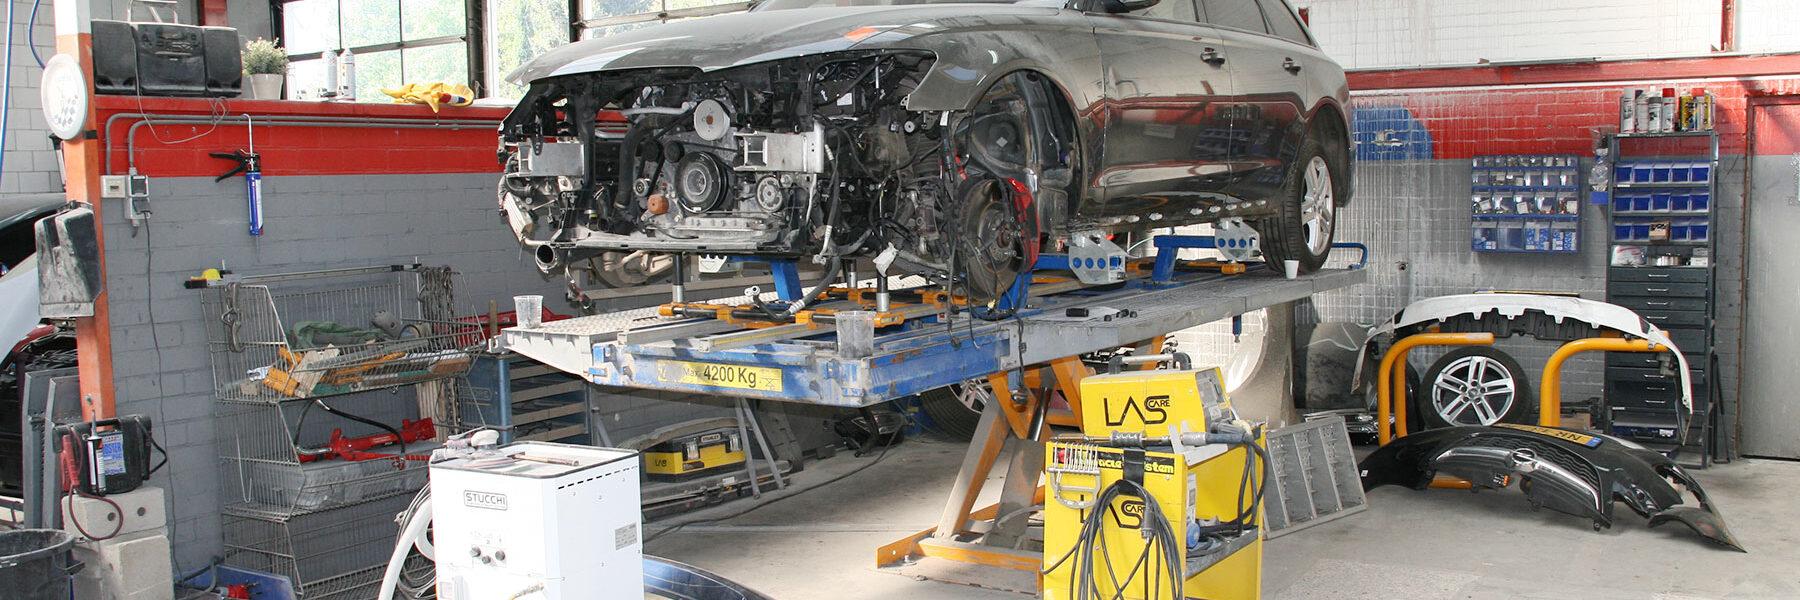 bedrijf autoschade herstel vervoort